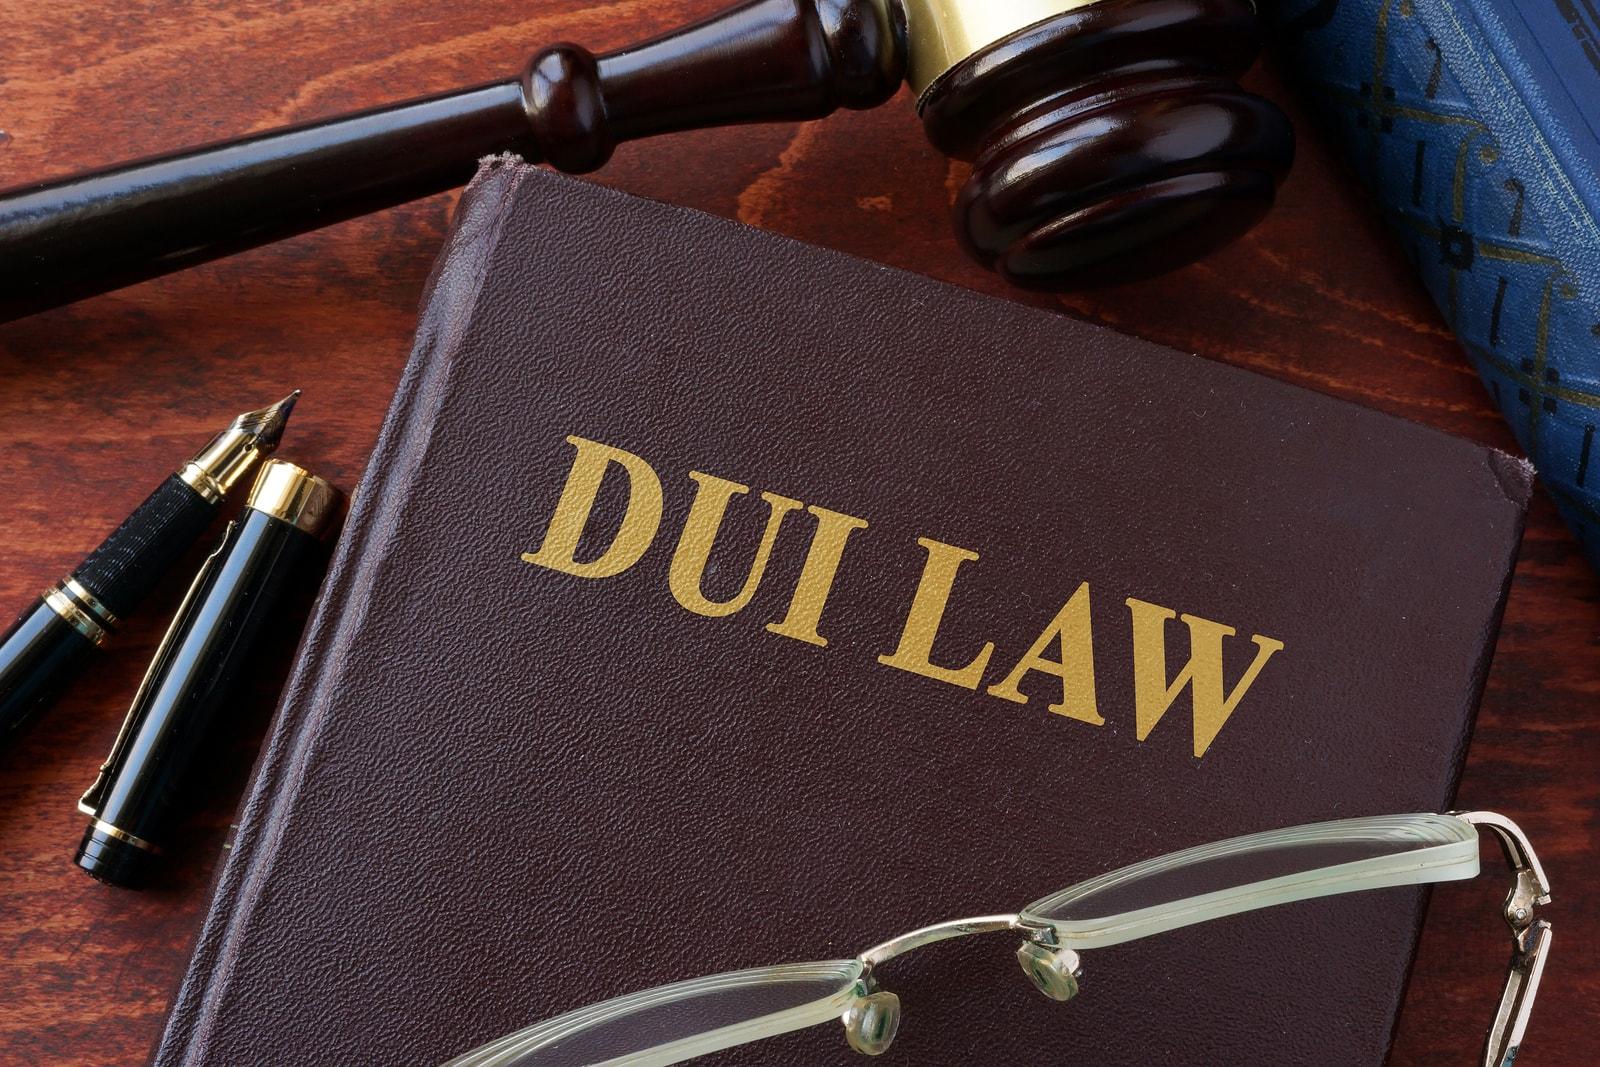 Using a Bondsman for a First DUI Offense